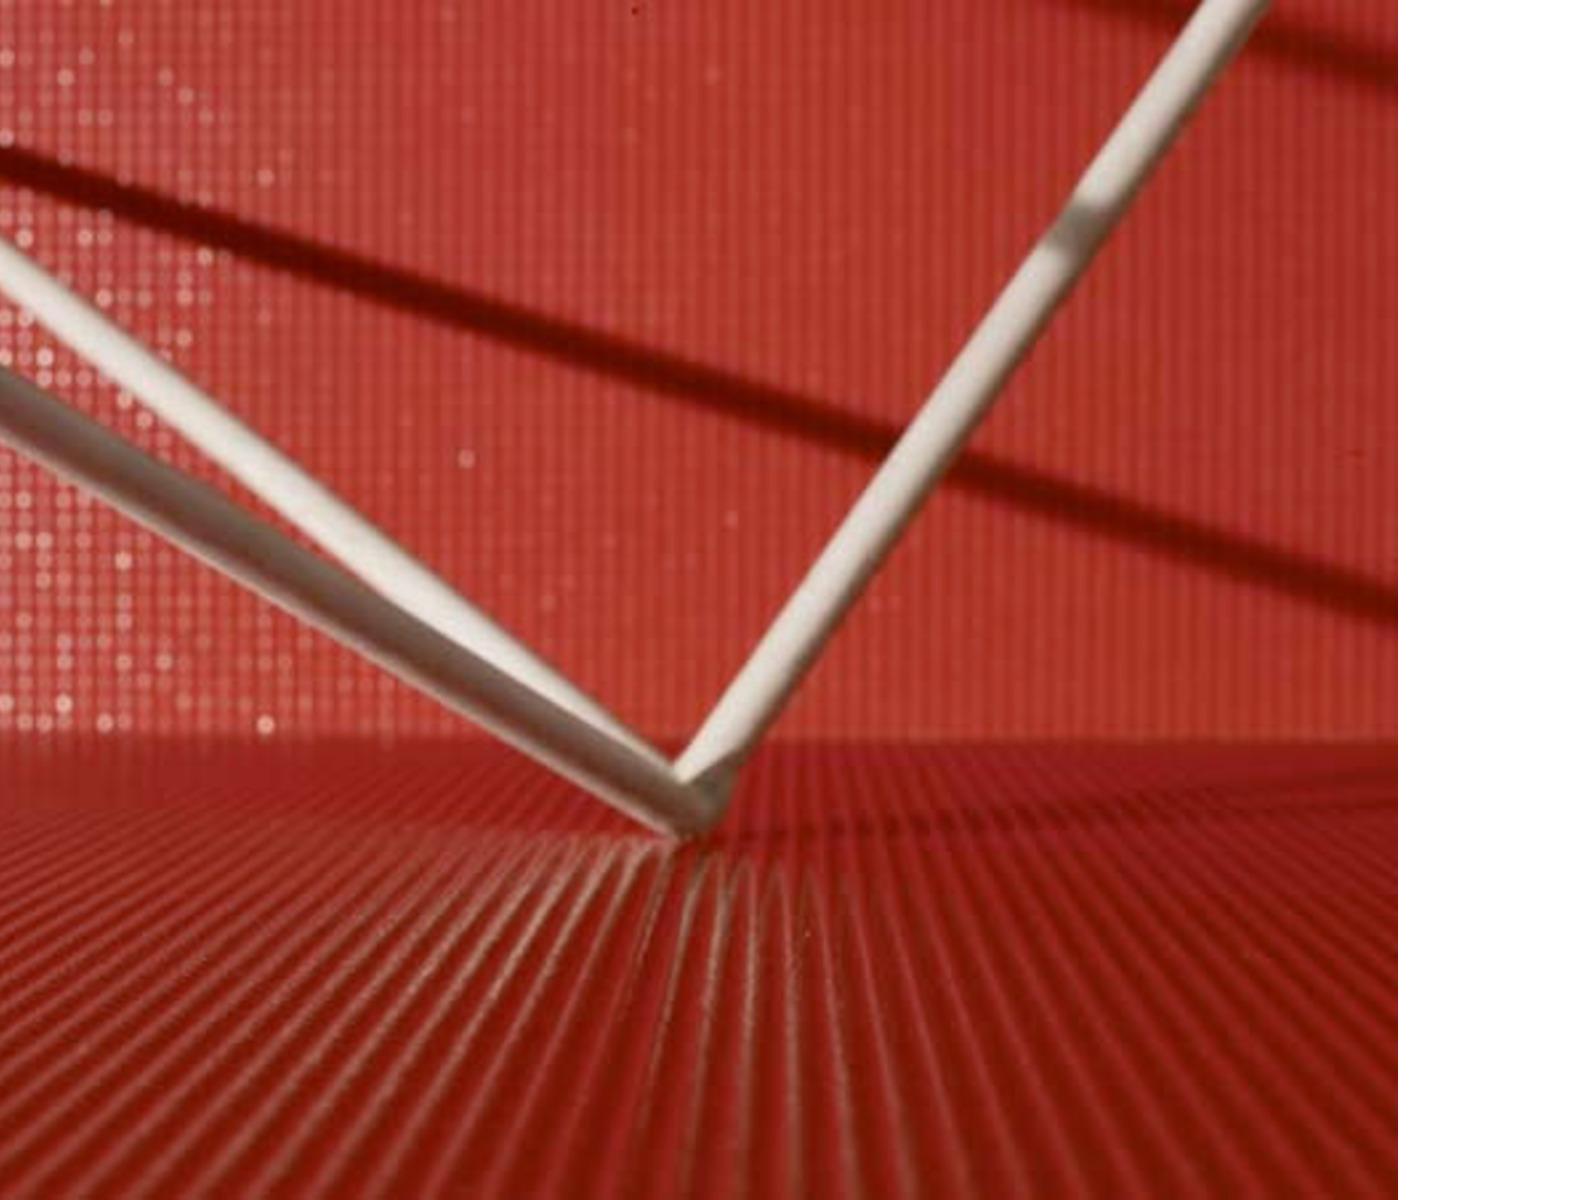 Piastrelle vetro tecnico e speciale stile classico e design